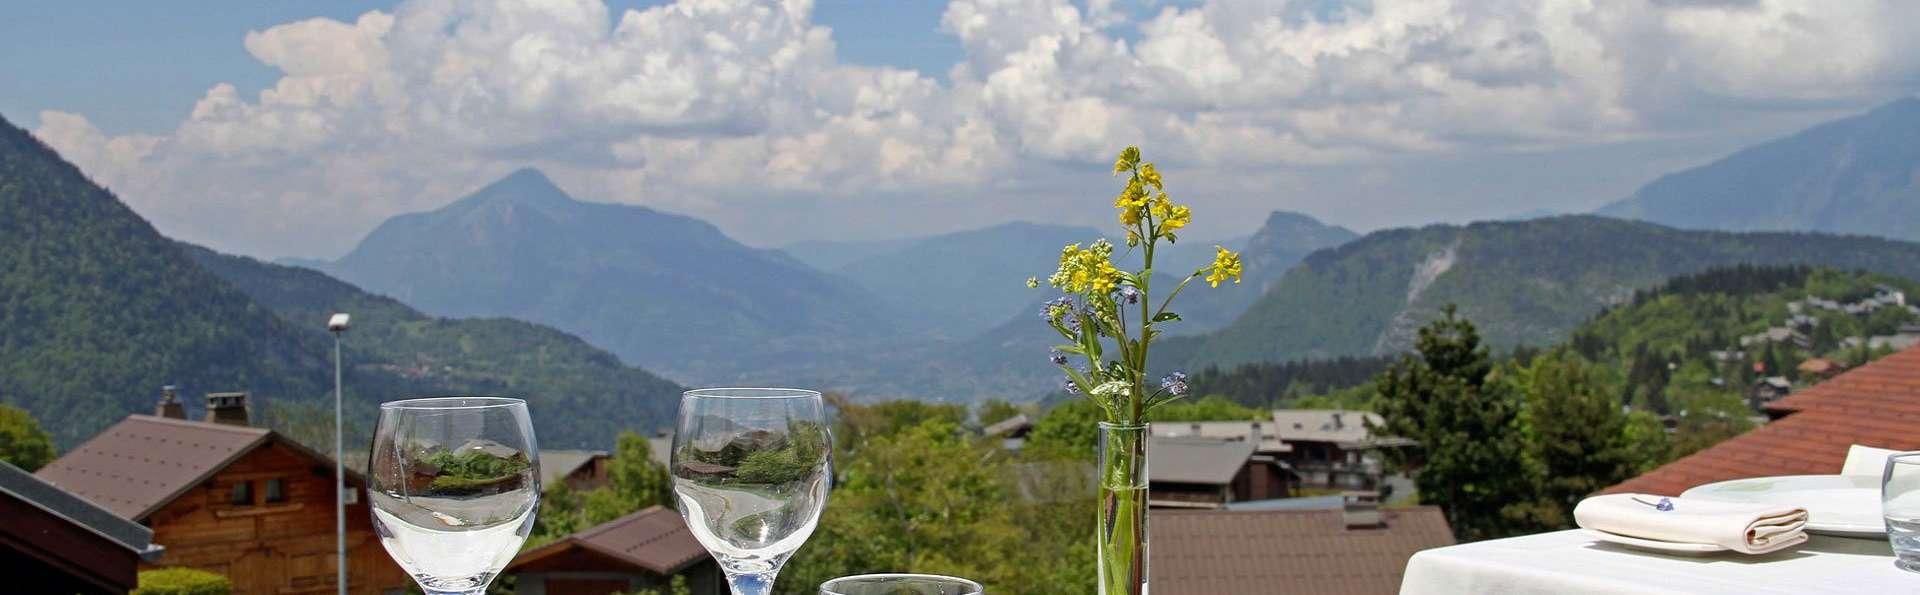 Dîner, accès spa offert et vue sur les montagnes, au cœur du Grand Massif